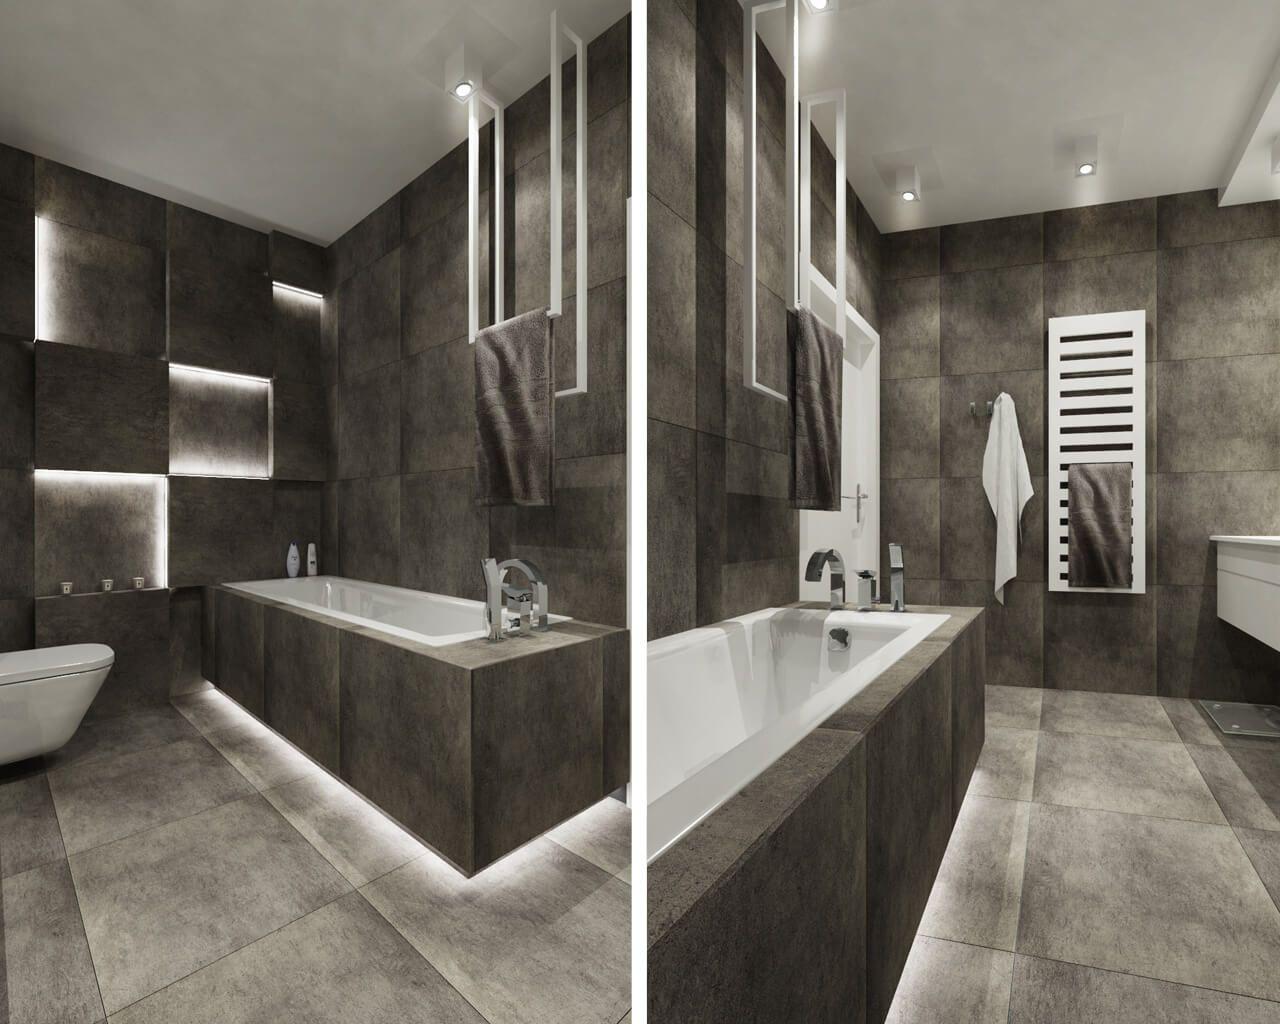 Nowoczesna łazienka Utrzymana W Ponadczasowej Kolorystyce